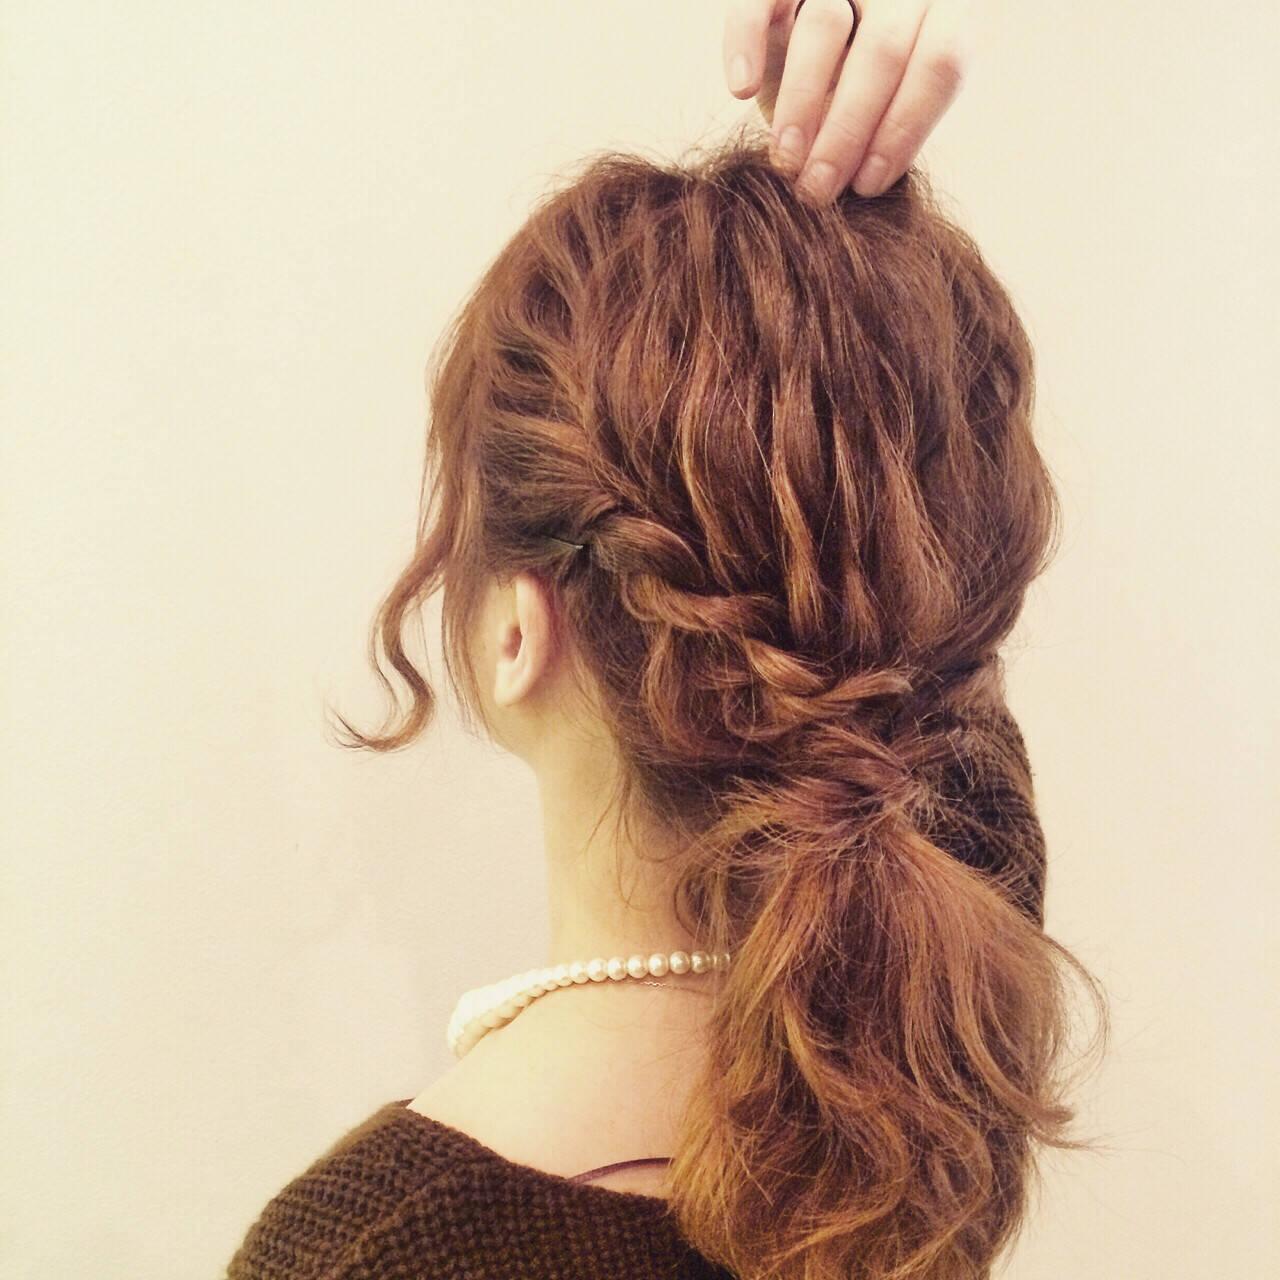 ボブ ロープ編み ヘアアレンジ ミディアムヘアスタイルや髪型の写真・画像